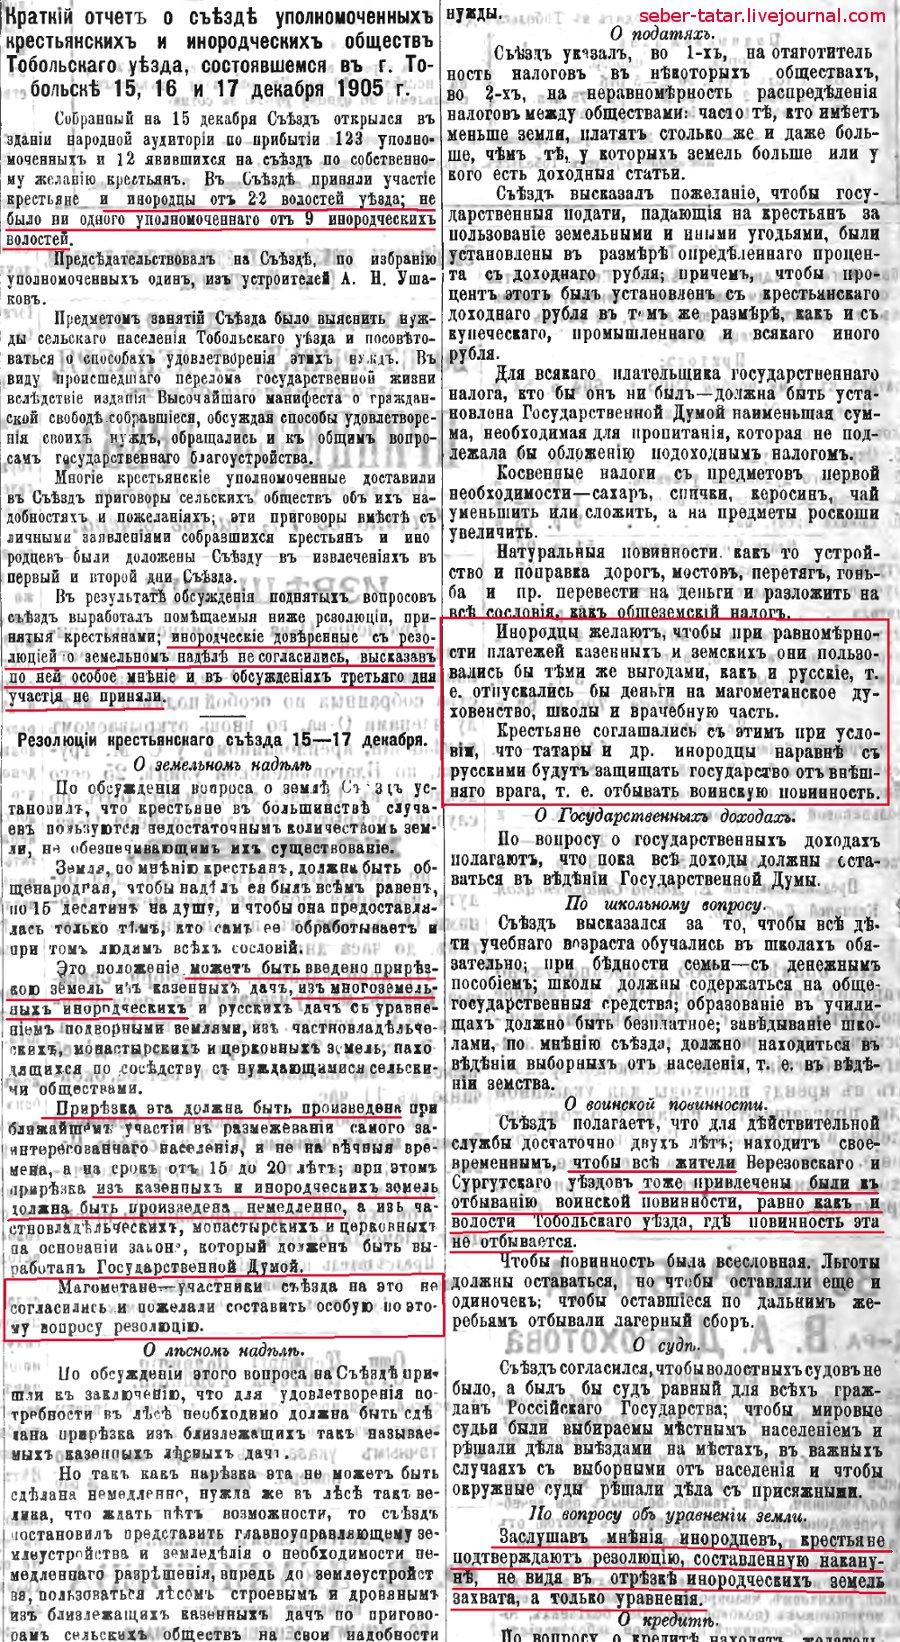 О съезде крестьянских и инородческих обществ Тобольского уезда в 1905 г.